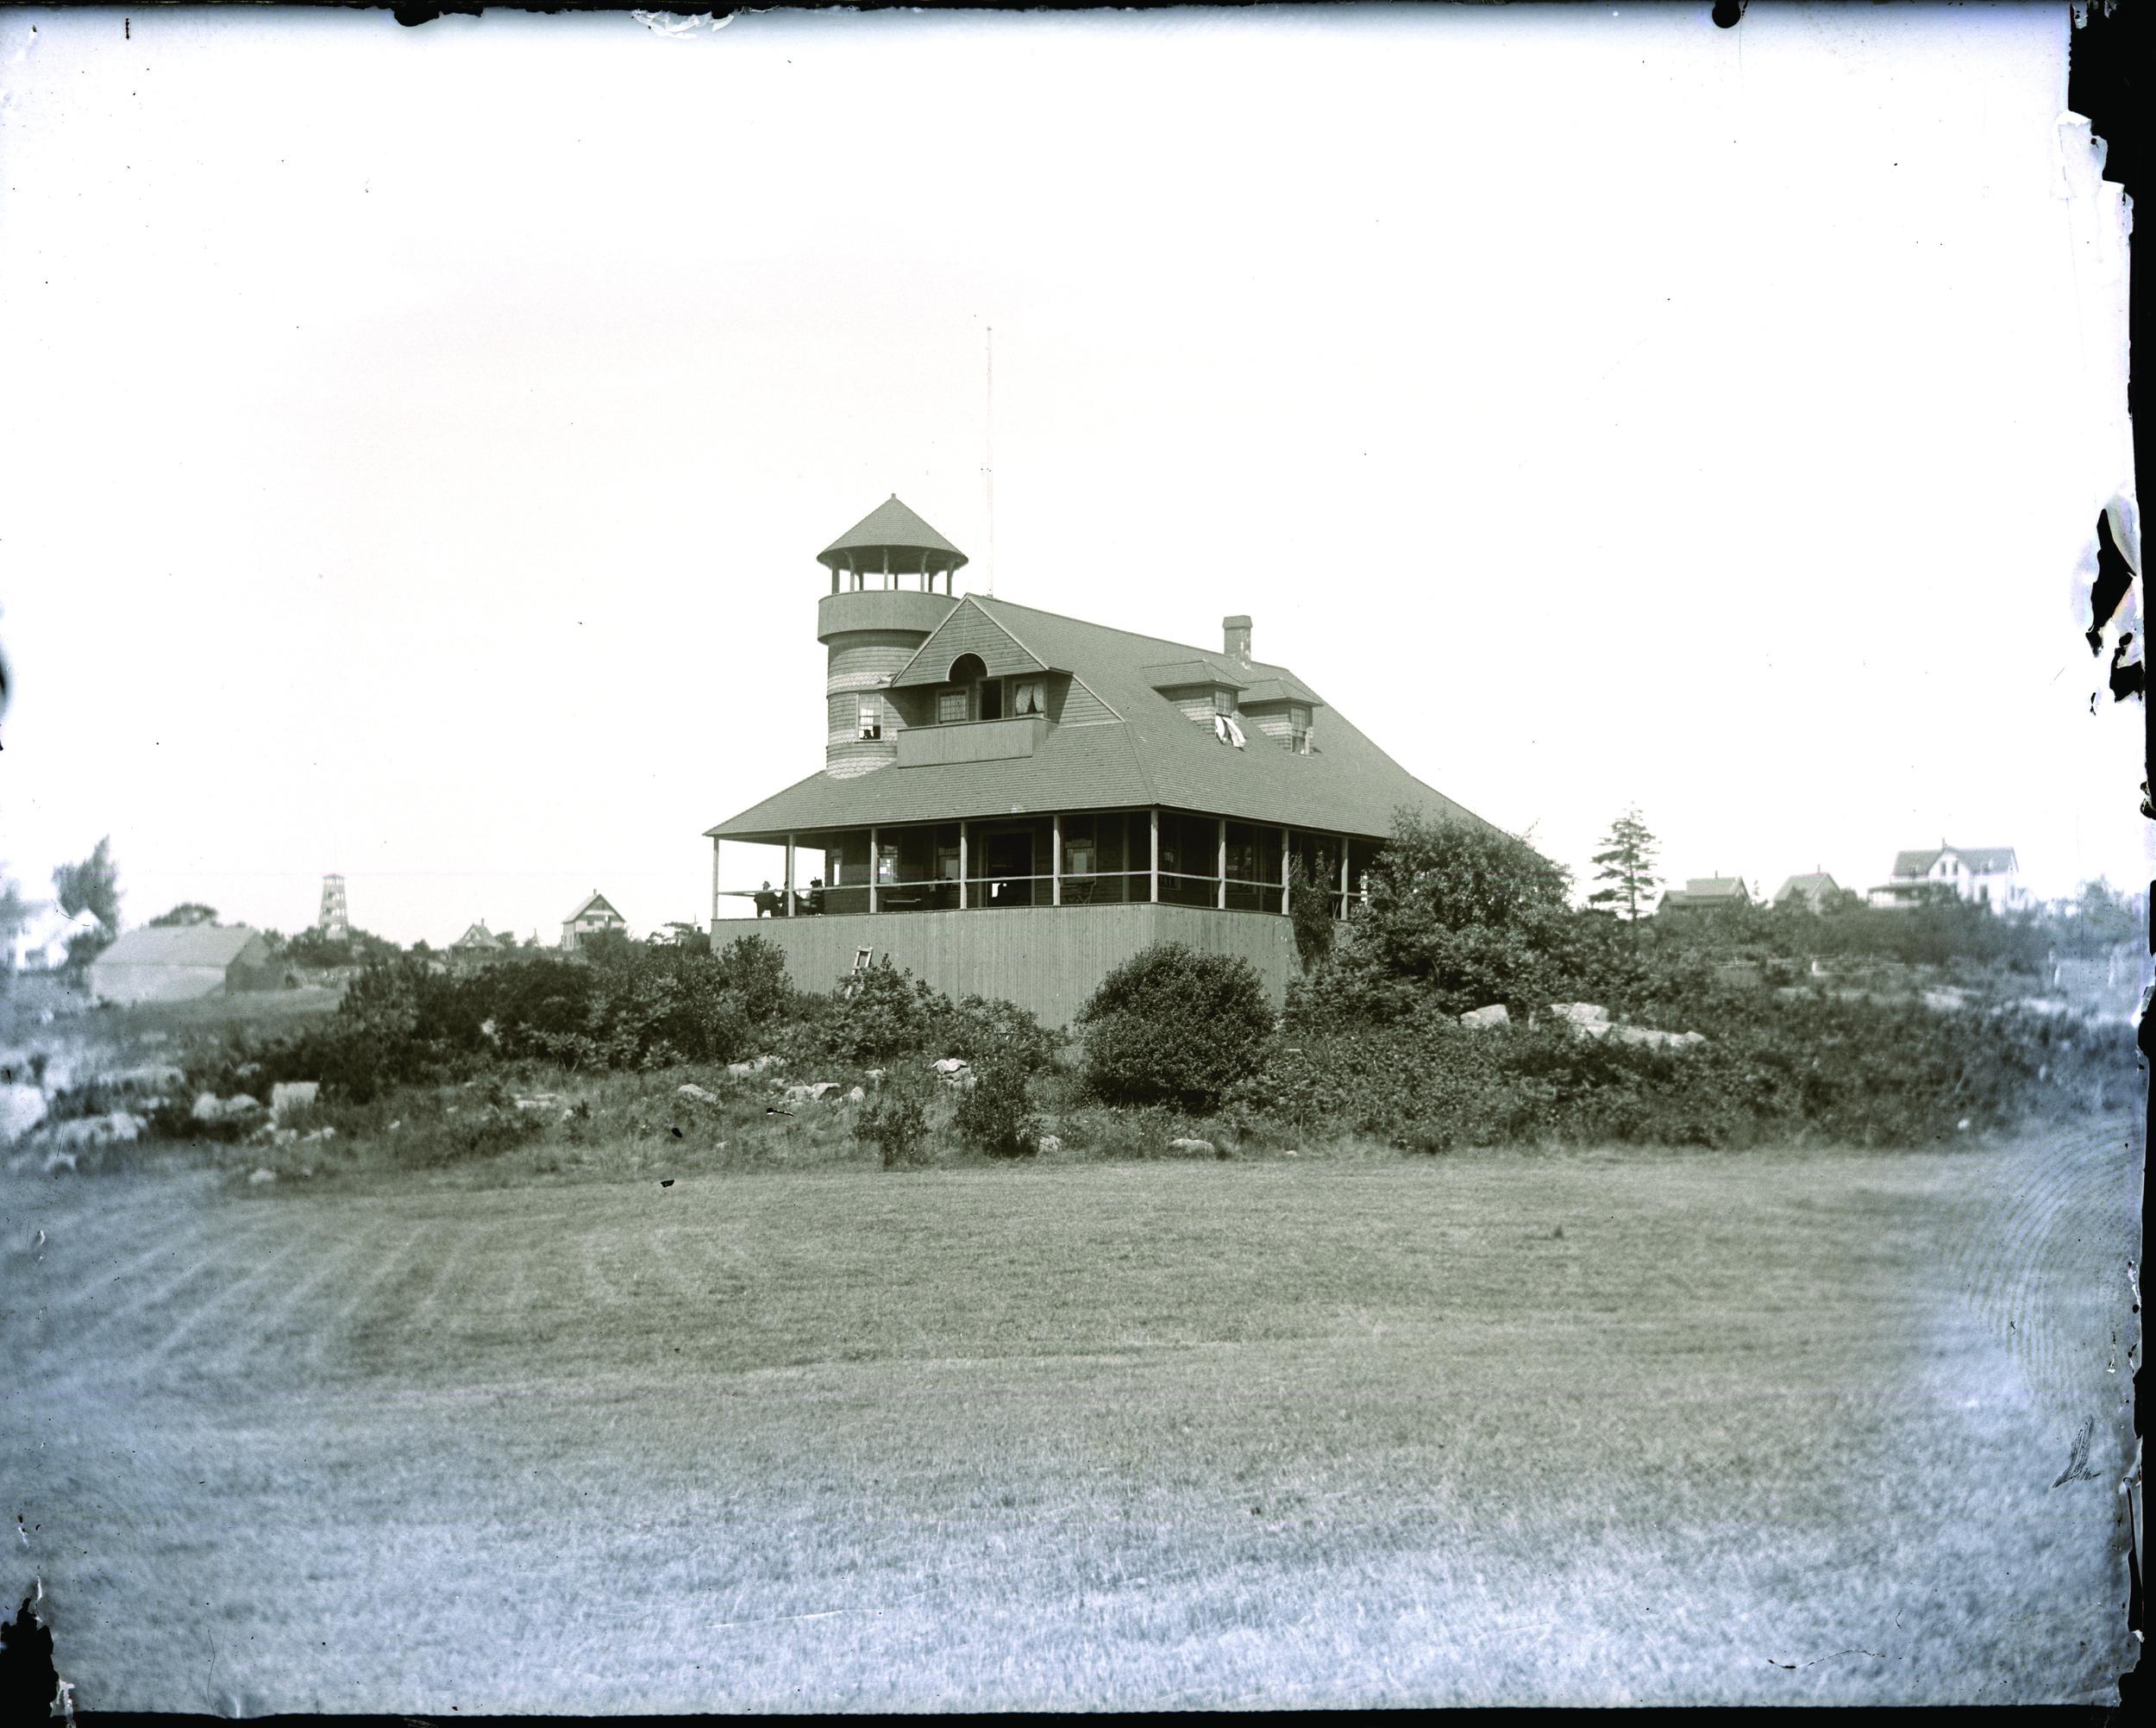 Fifth Maine Museum, Peaks Island, Maine